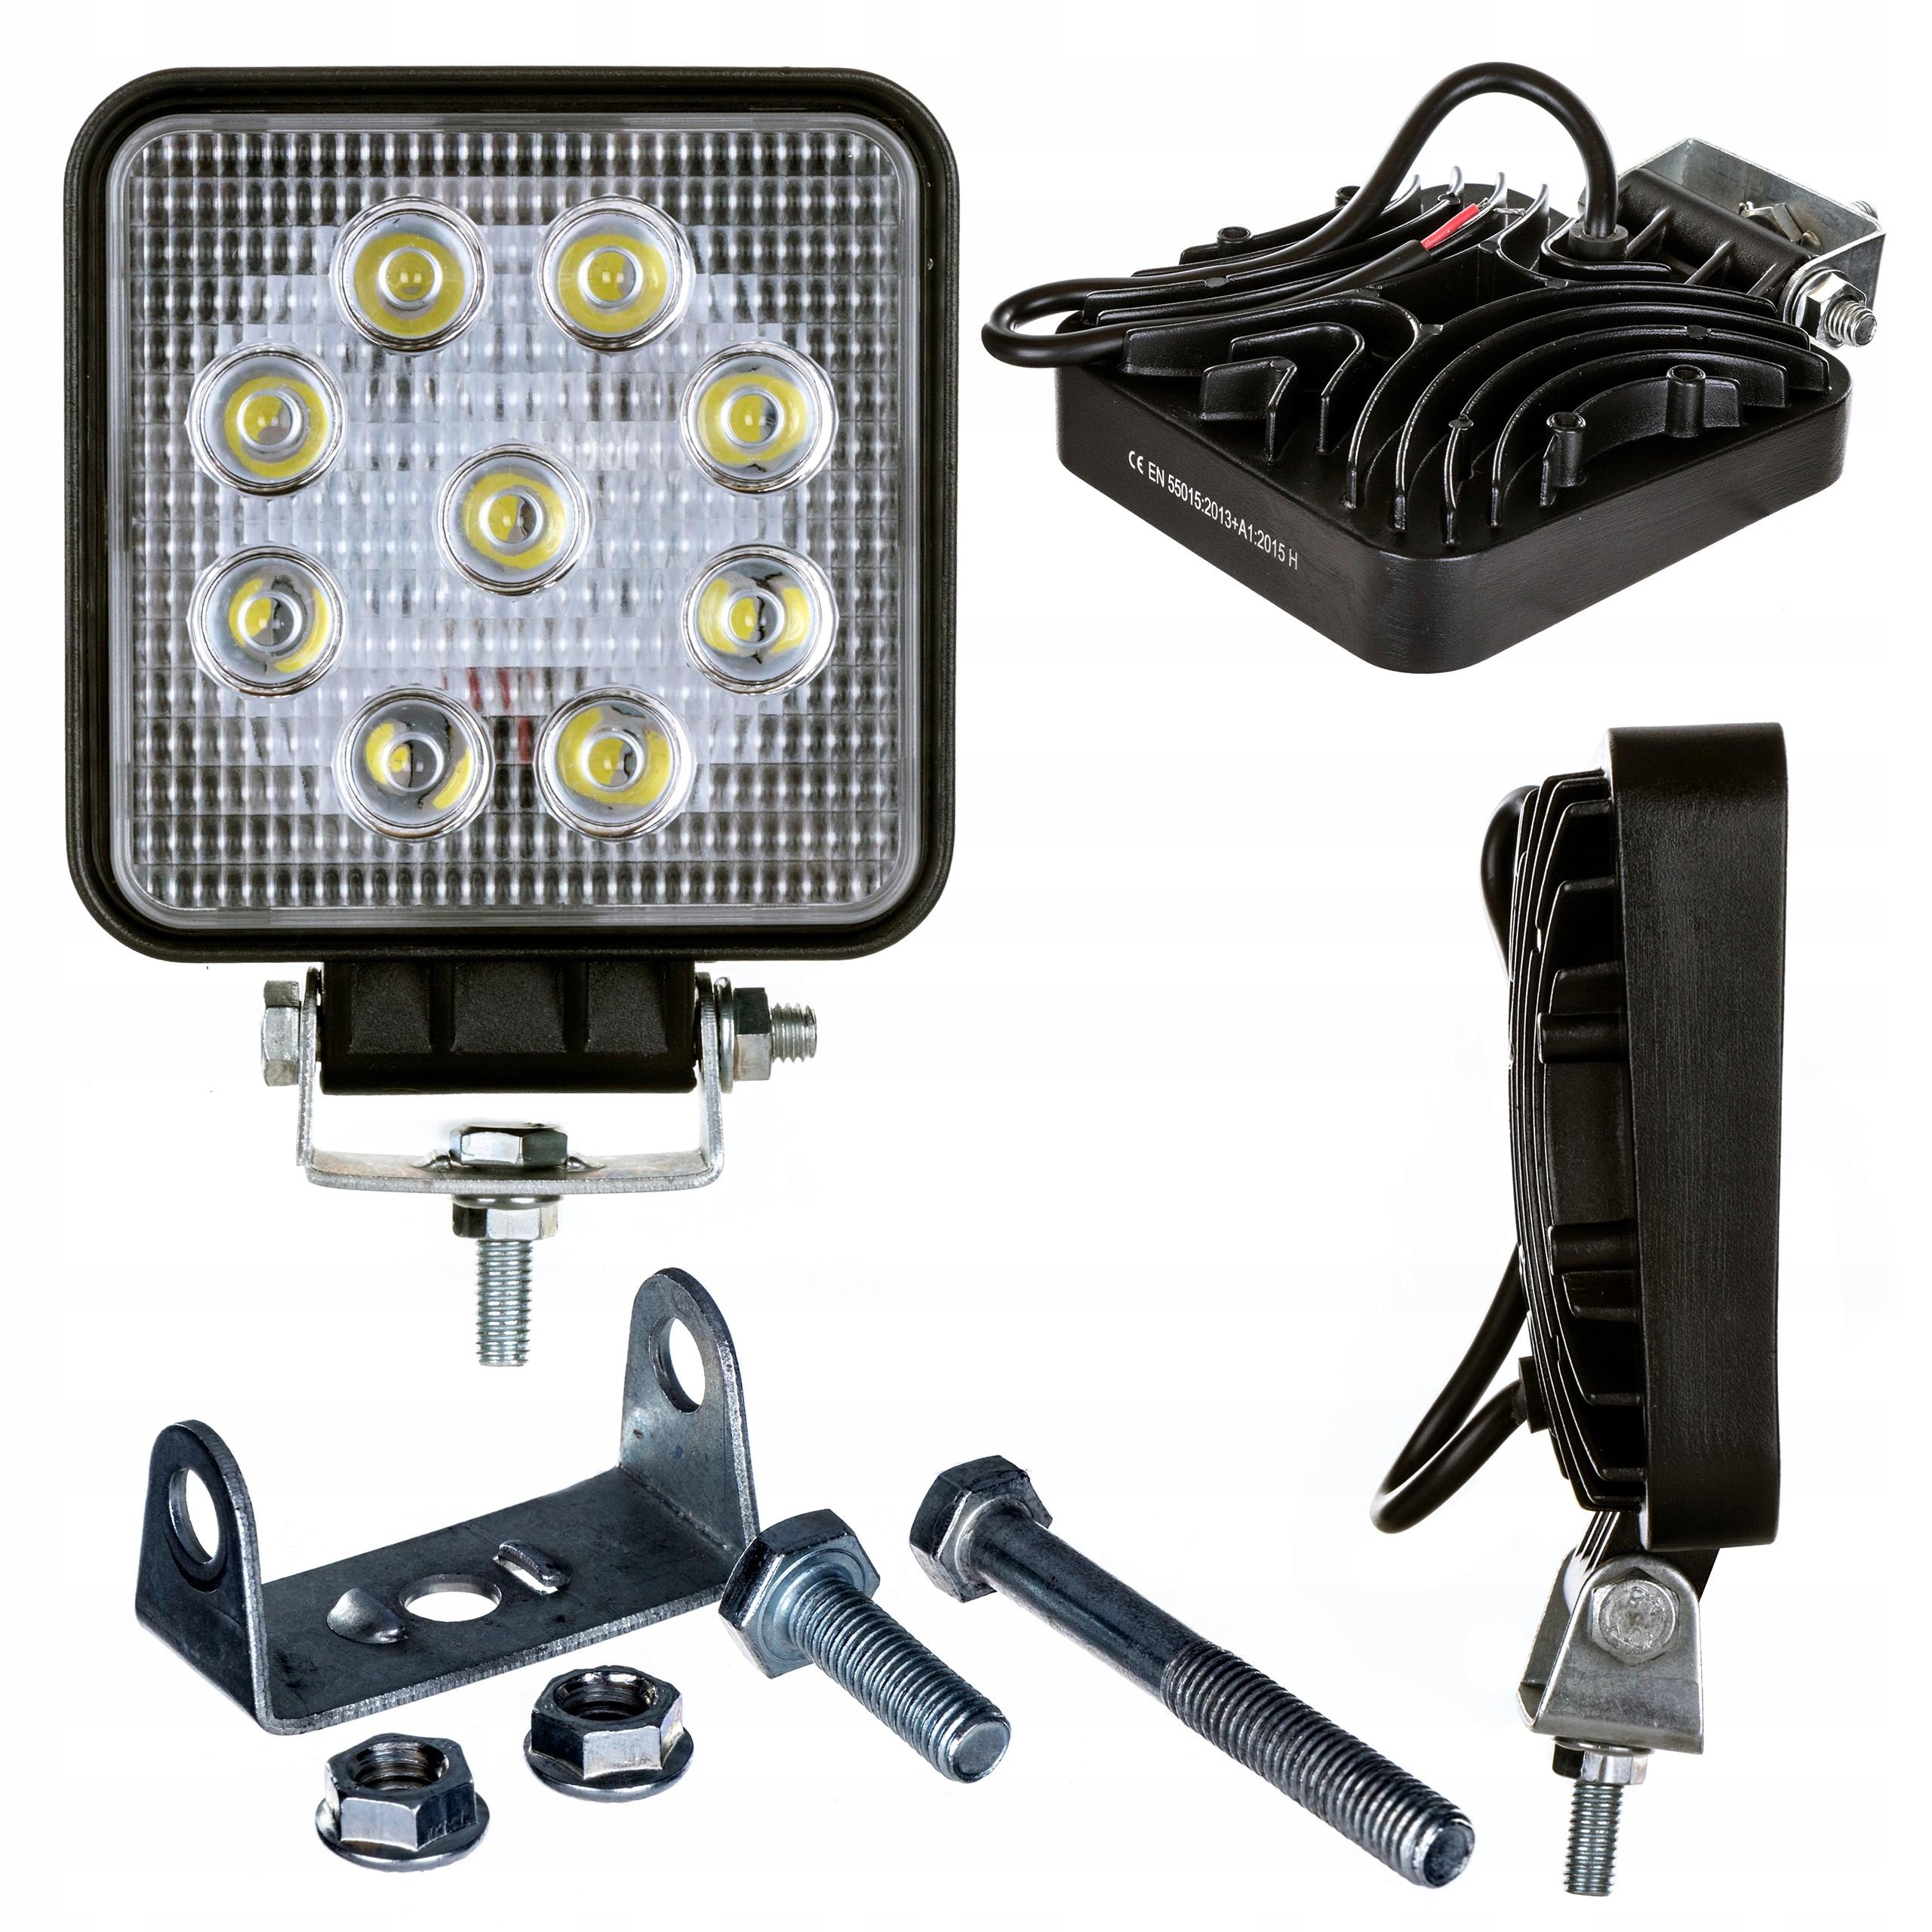 LAMPA ROBOCZA HALOGEN LED 27W 9x3W 12V 24V